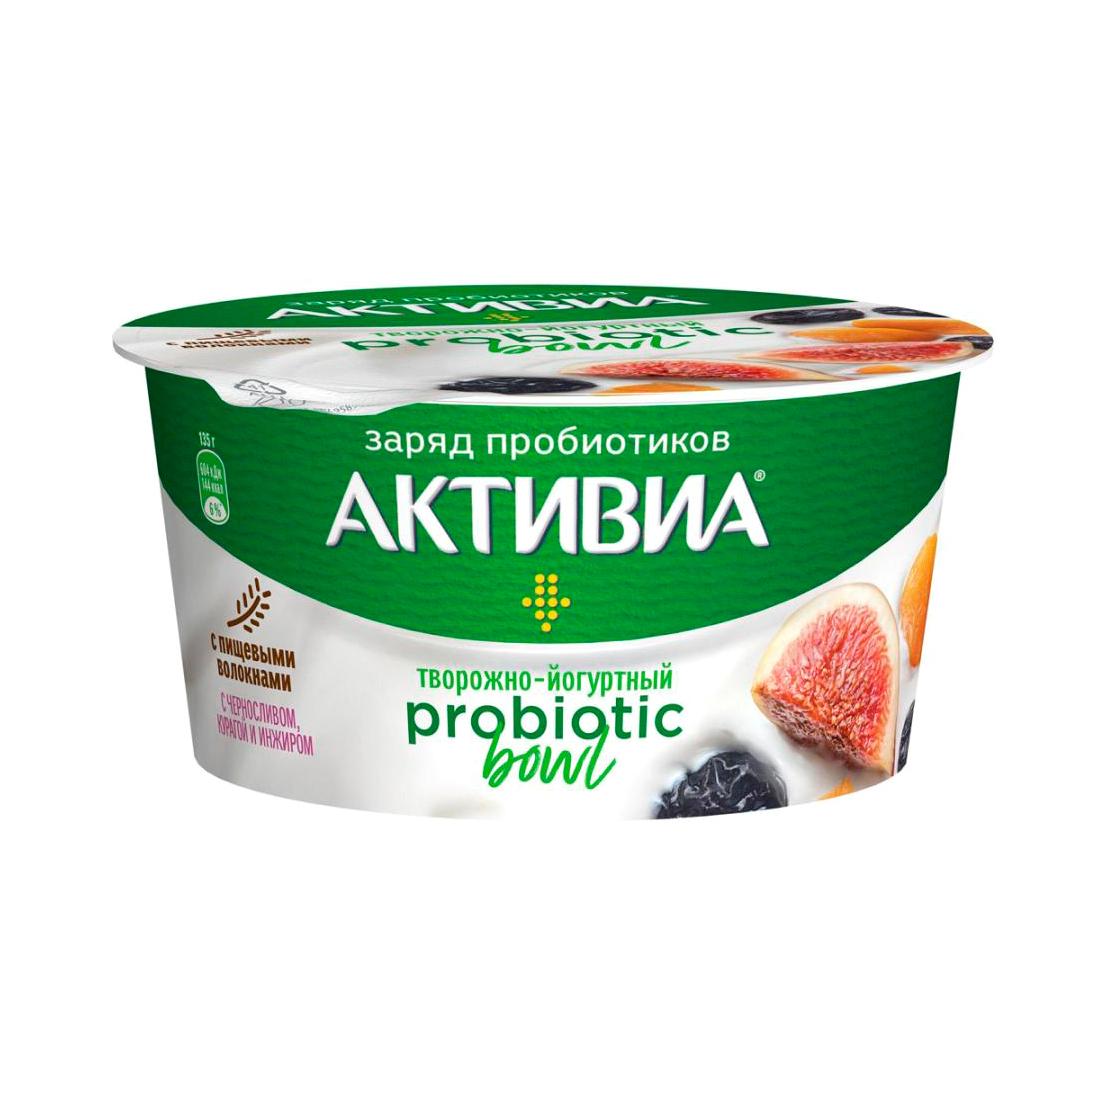 активиа биопродукт творожно йогуртный 4 5% 130 г Продукт творожно-йогуртный Активиа Probiotic Bowl Чернослив, курага, инжир 135 г